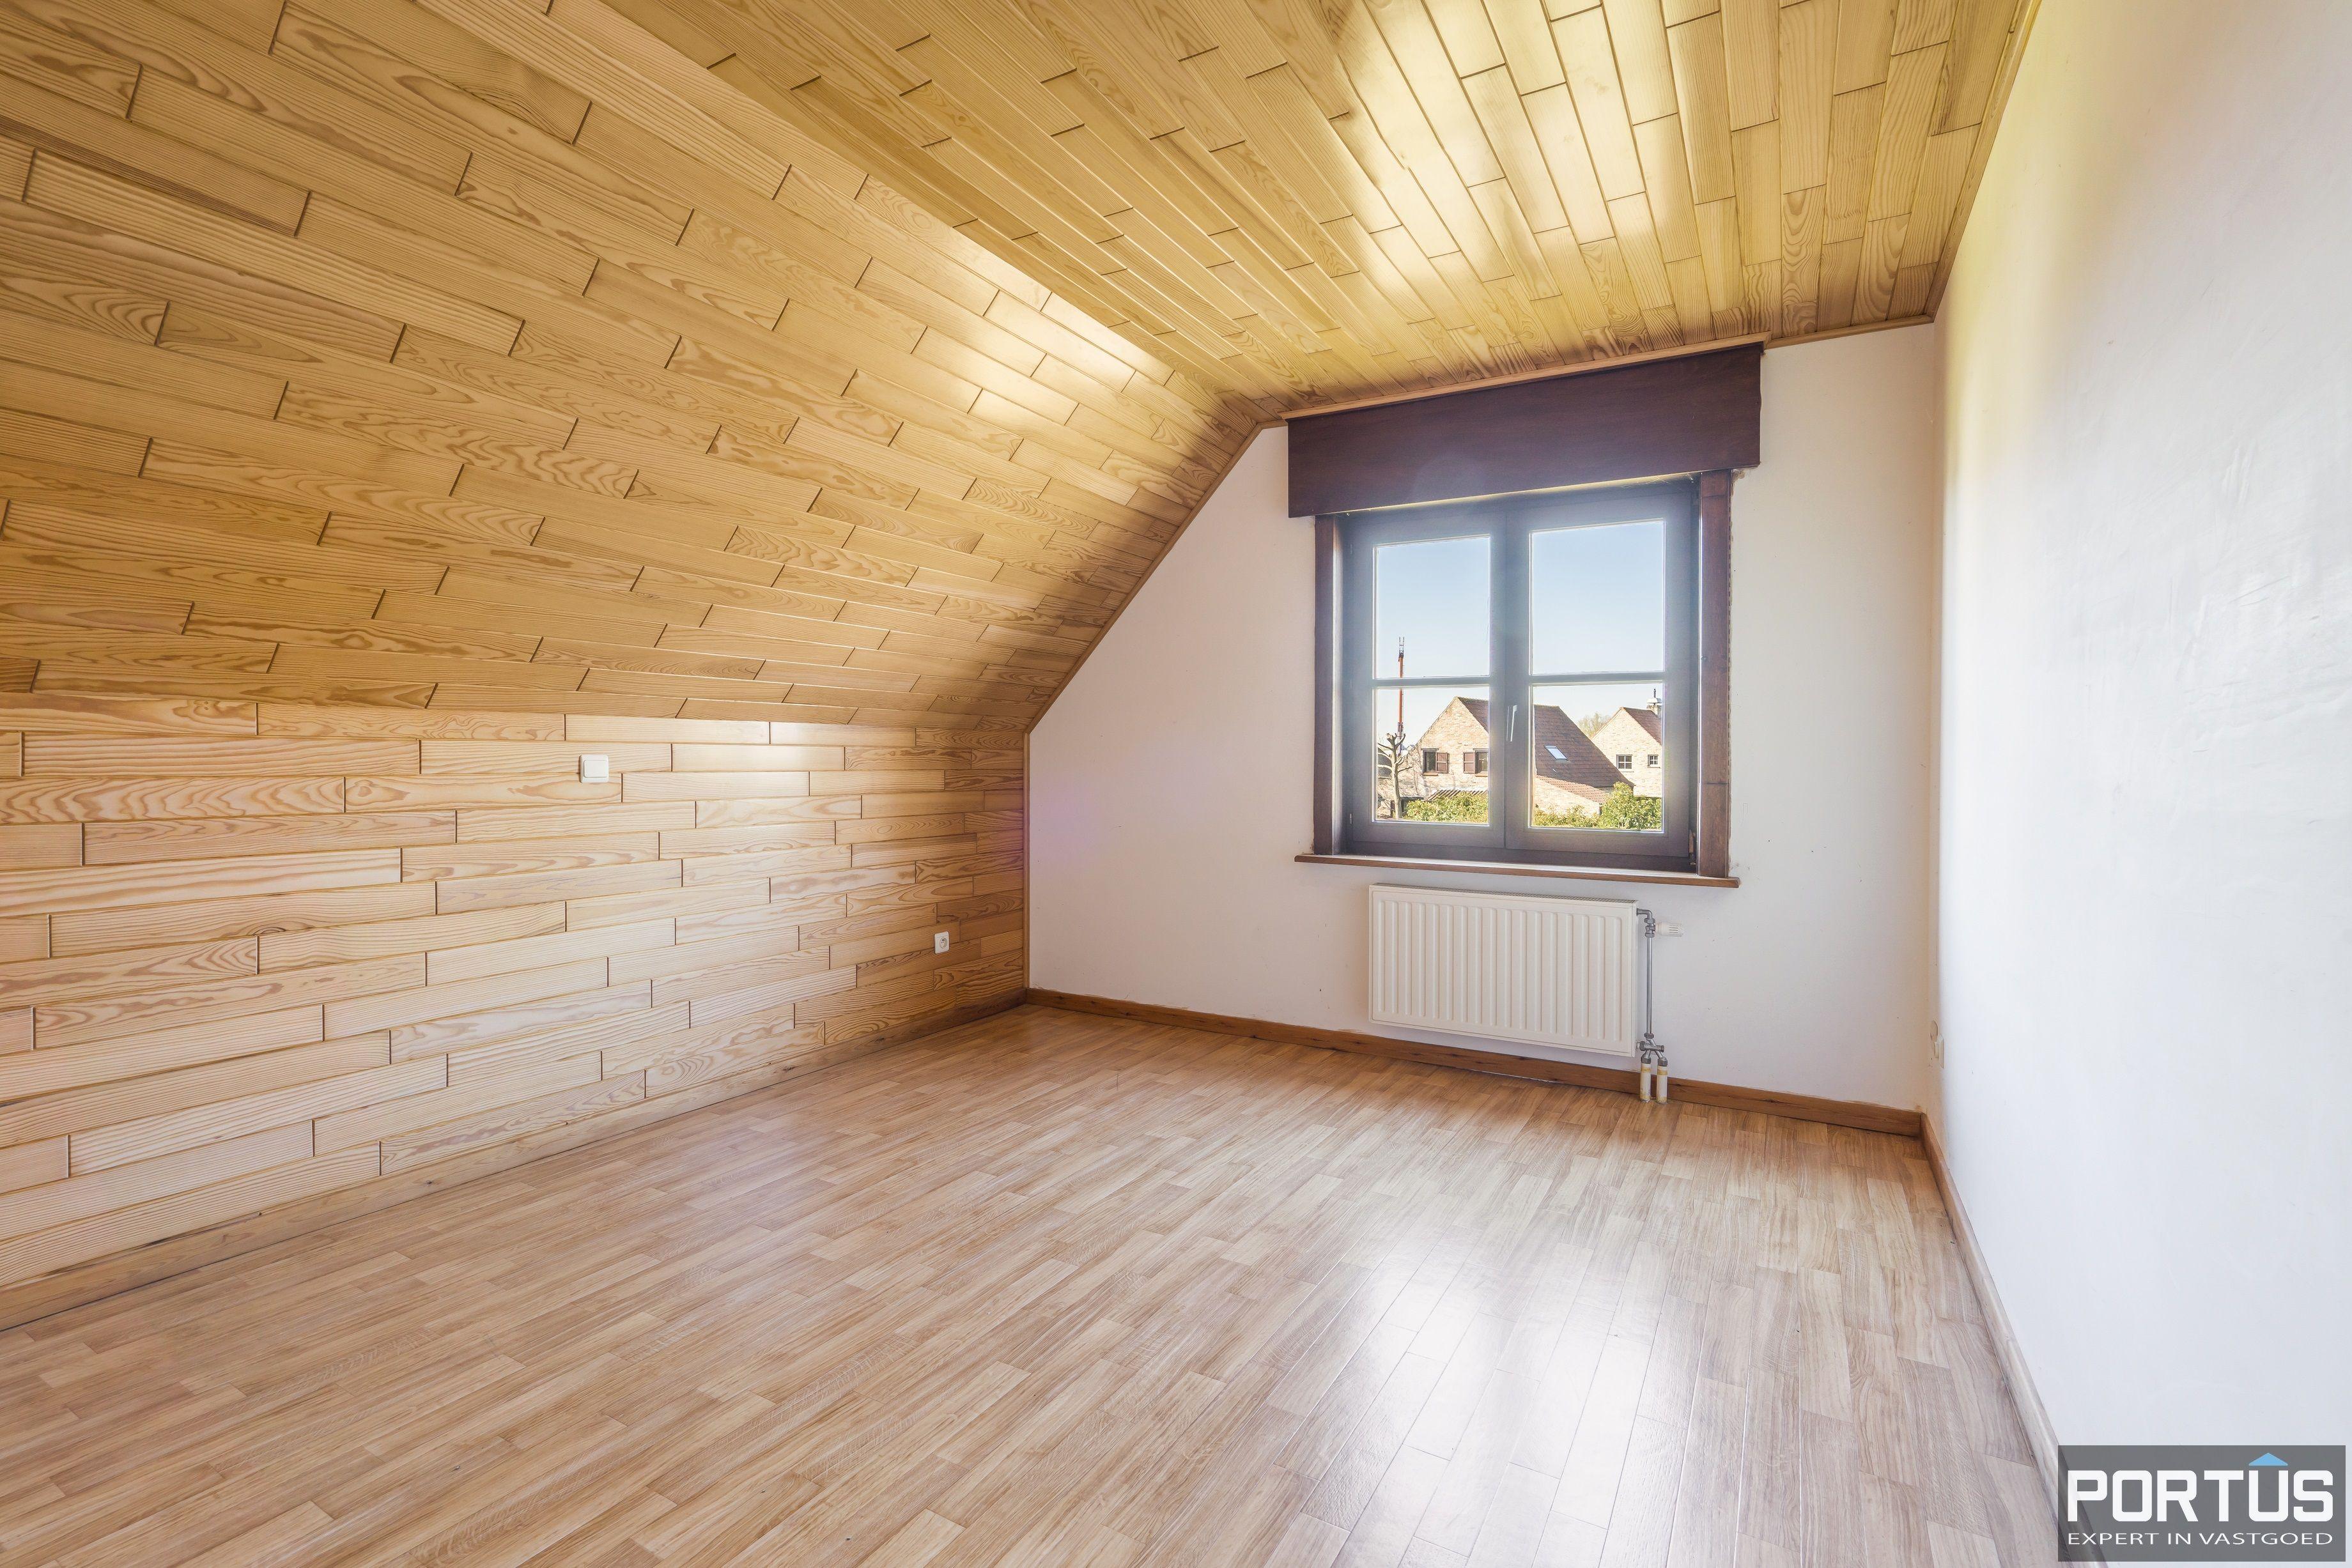 Woning te koop met 4 slaapkamers te Oostduinkerke - 12591